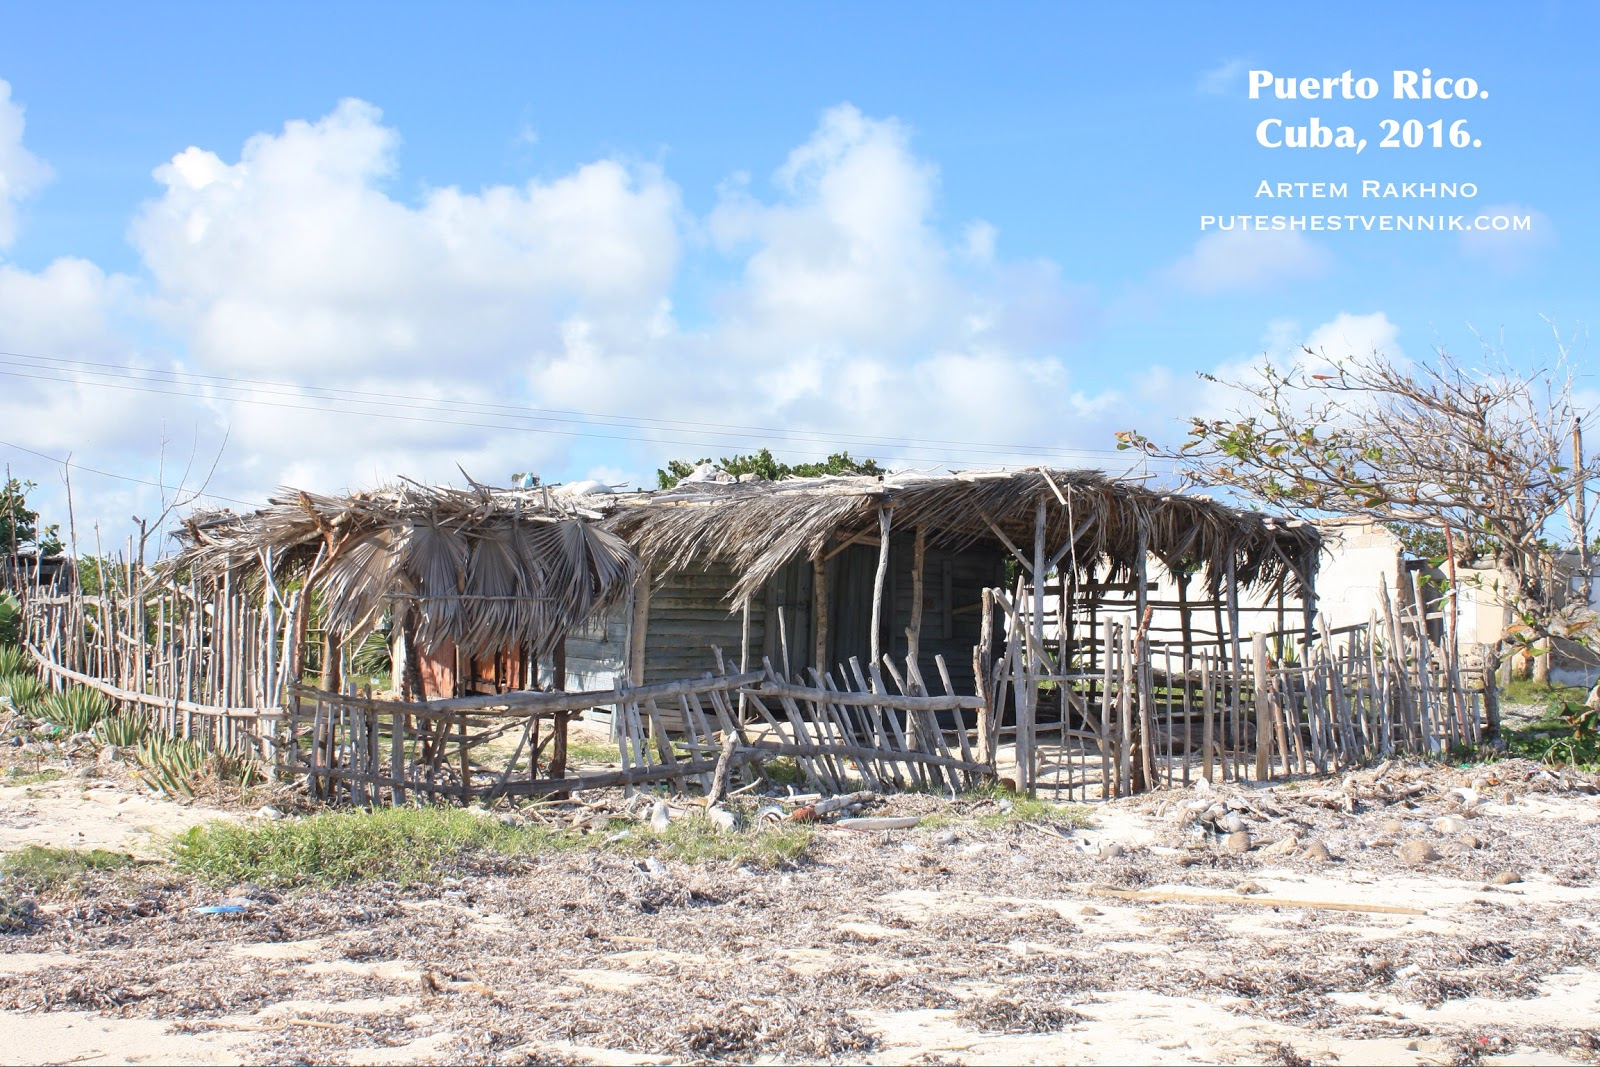 Хижины в кубинской деревне Пуэрто-Рико